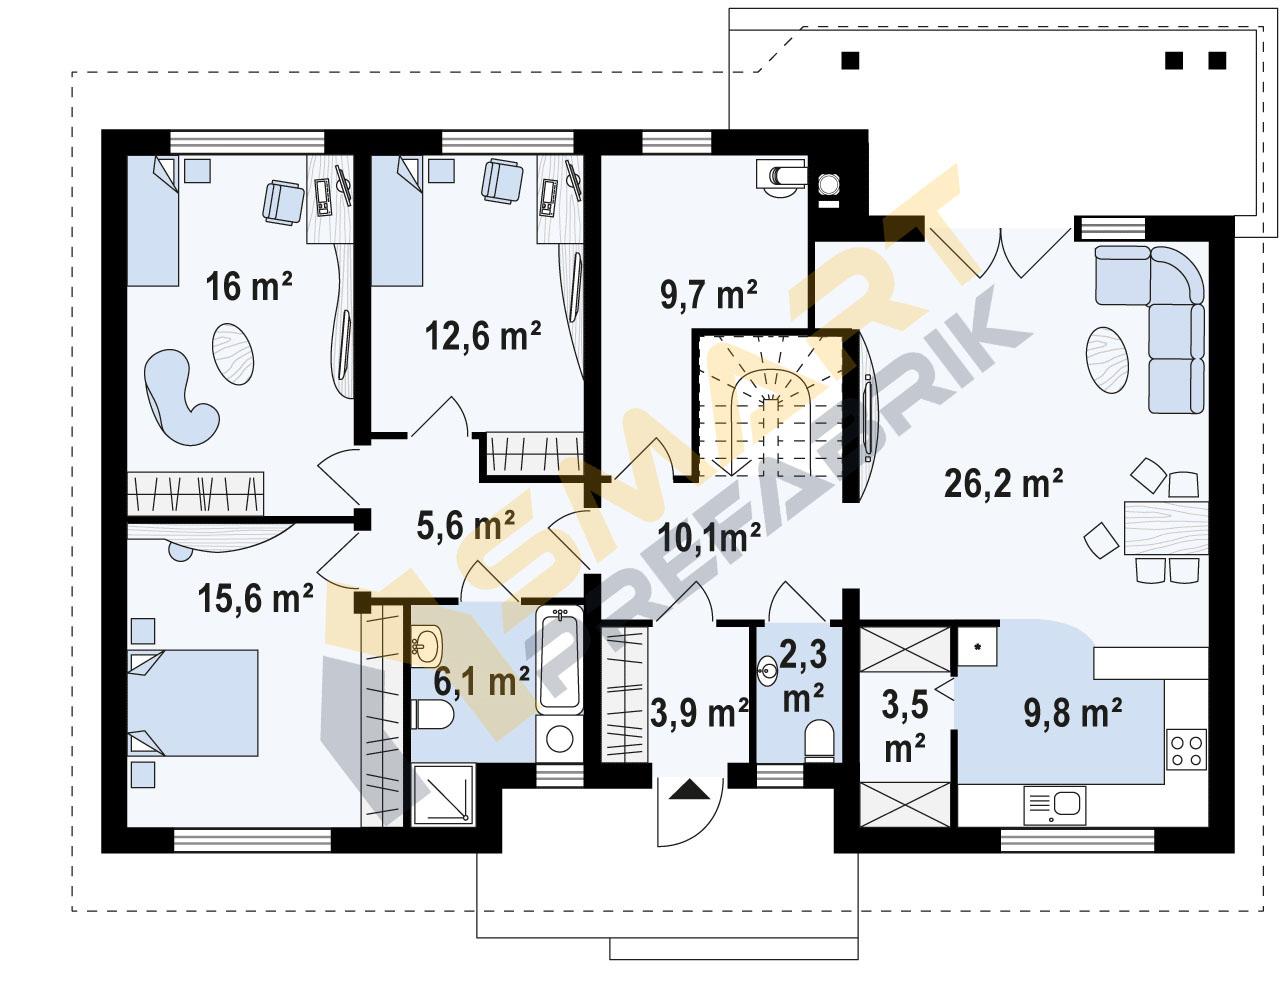 2013 havuzlu l 252 x villalar l 252 x villa modelleri l 252 x villalar l 252 x - Prefabrik L 252 X Villa Modelleri Modern L 252 X Villalar L 252 Ks Prefabrik